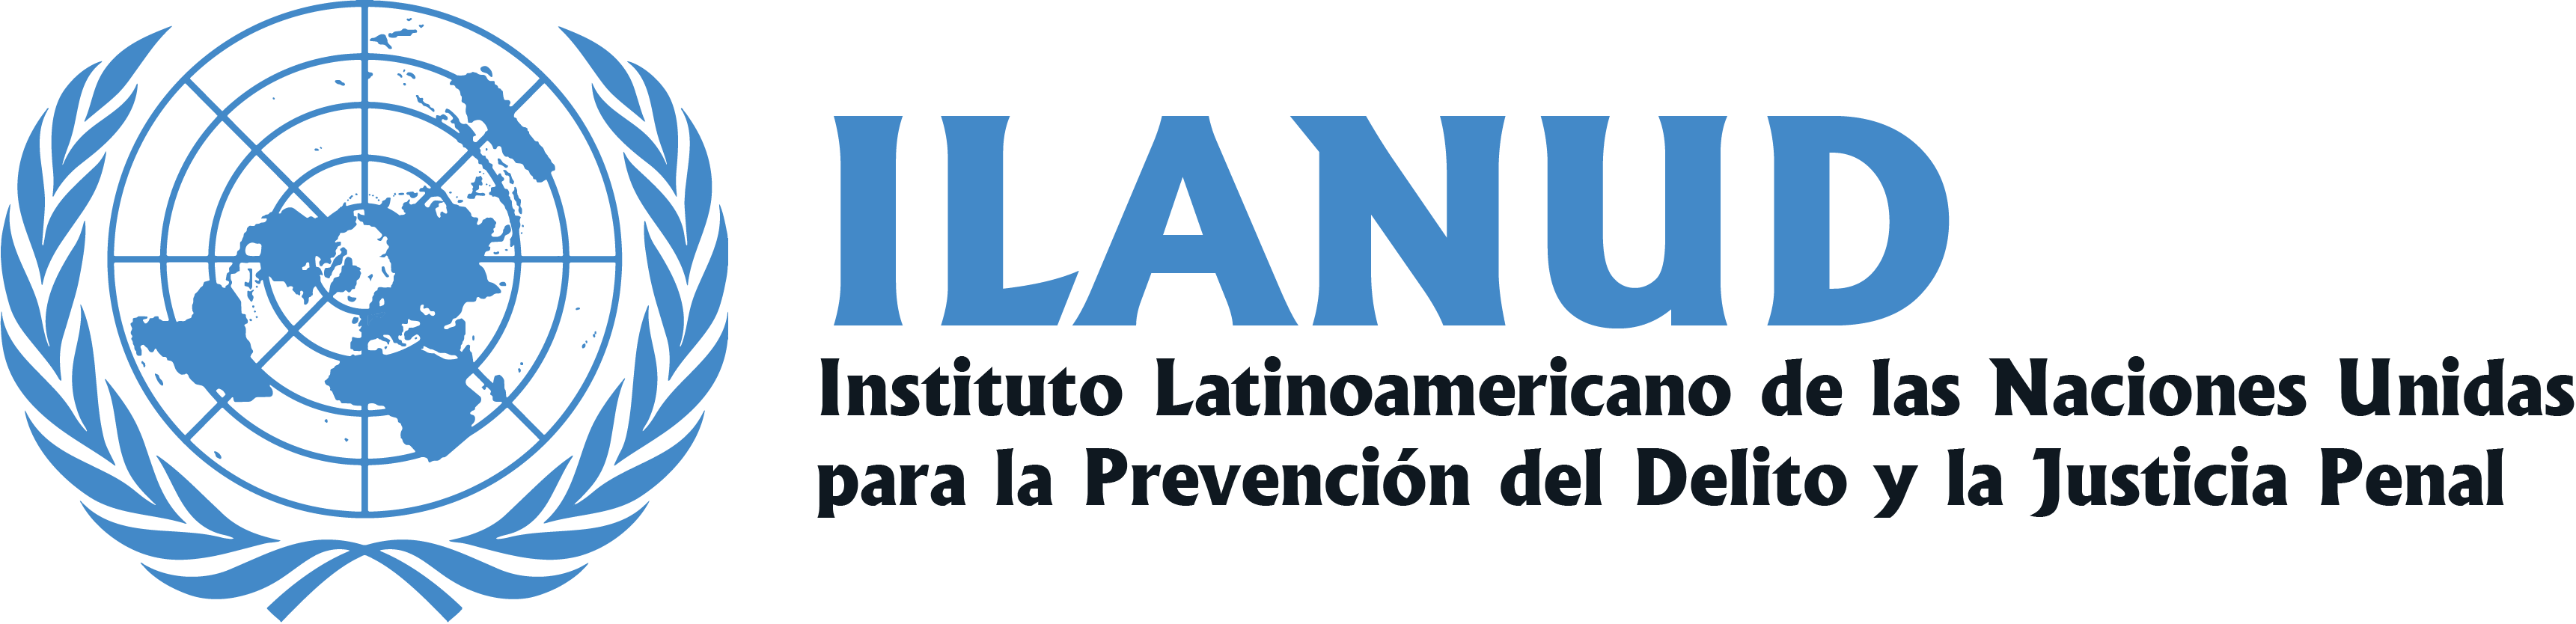 logo for Instituto Latinoamericano de las Naciones Unidas para la Prevención del Delito y Tratamiento del Delincuente